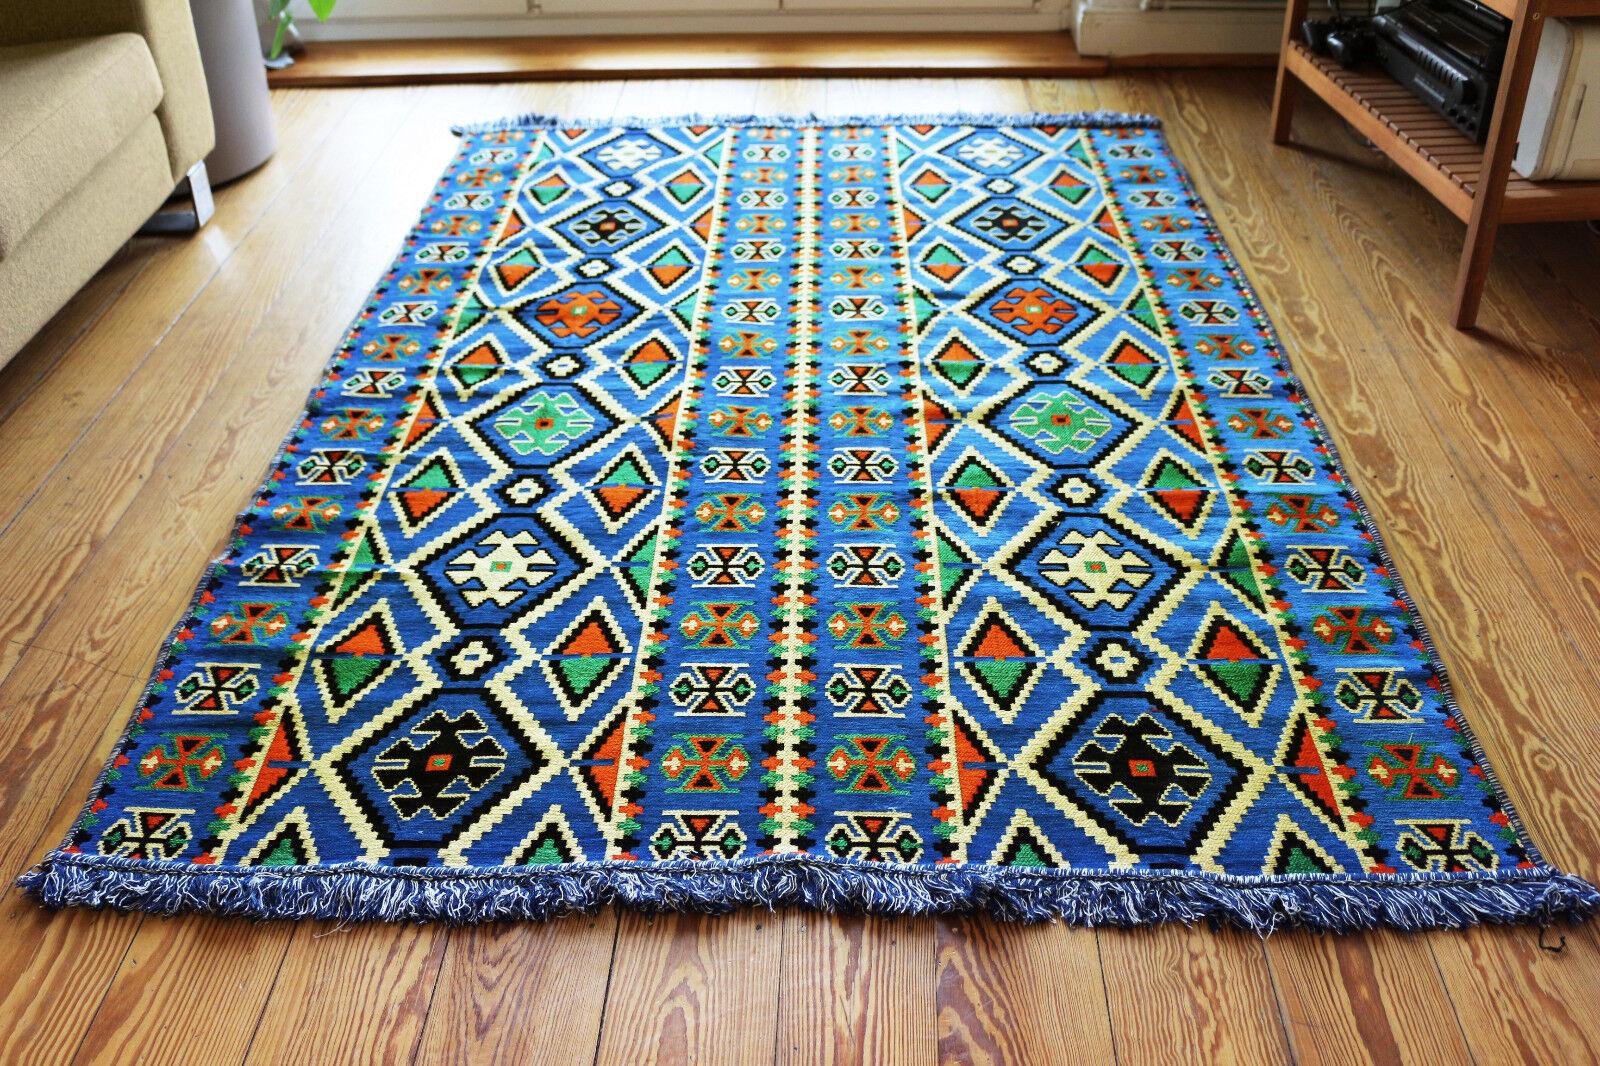 135 cm x 200 cm oriental tapis, kilim, Moquette de damaskunst S 1-4-42